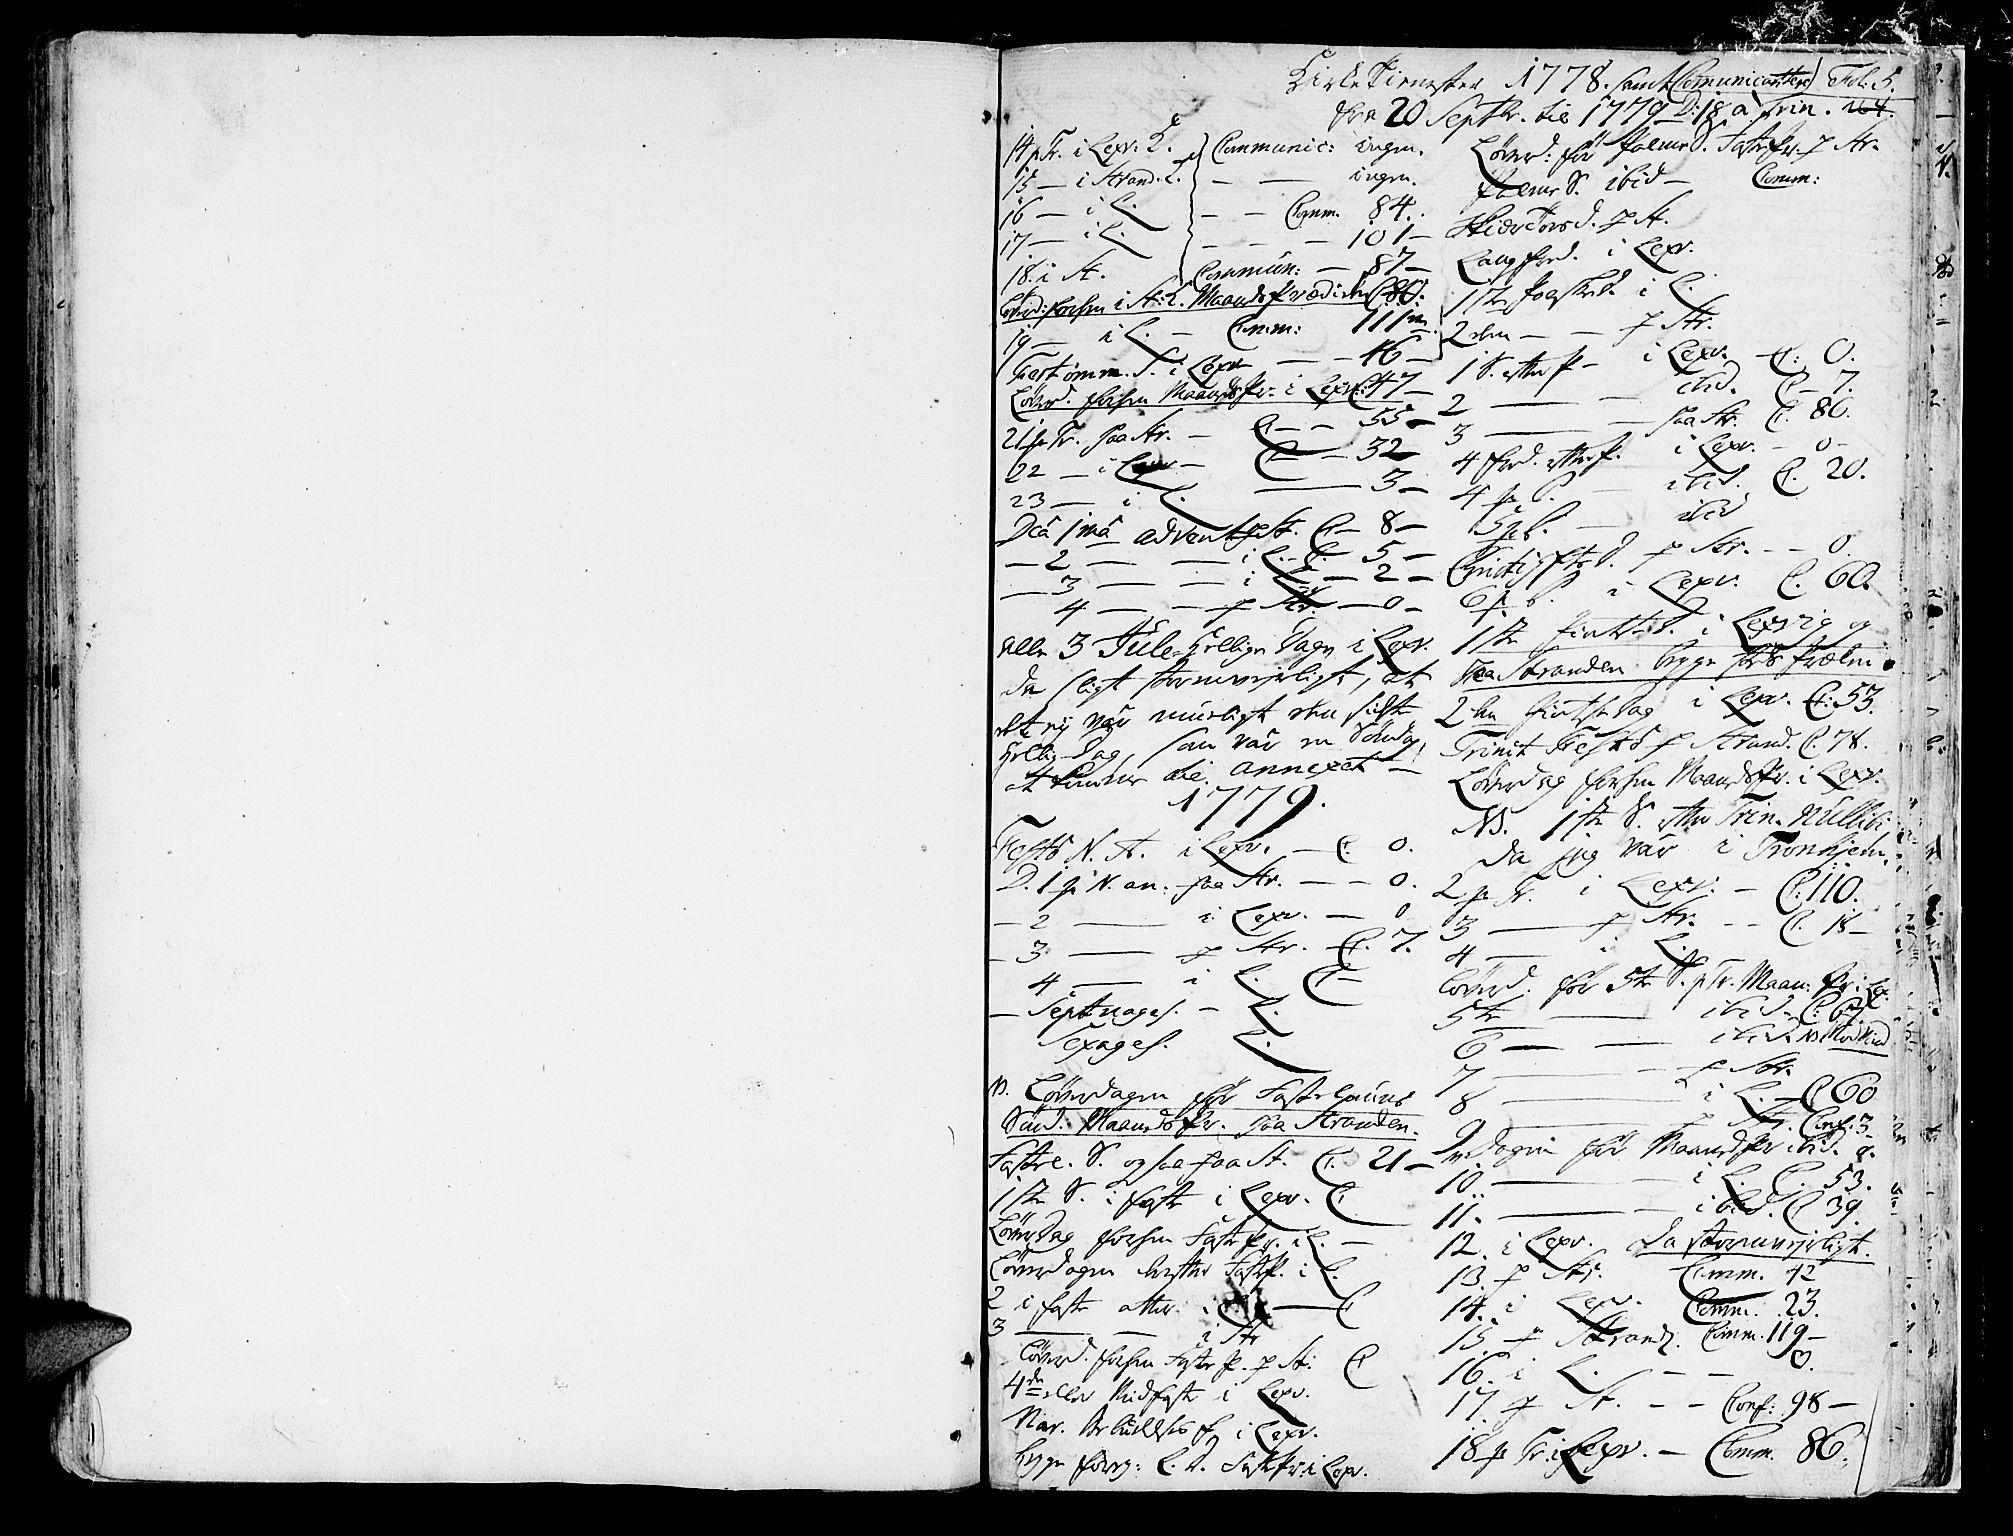 SAT, Ministerialprotokoller, klokkerbøker og fødselsregistre - Nord-Trøndelag, 701/L0003: Parish register (official) no. 701A03, 1751-1783, p. 164